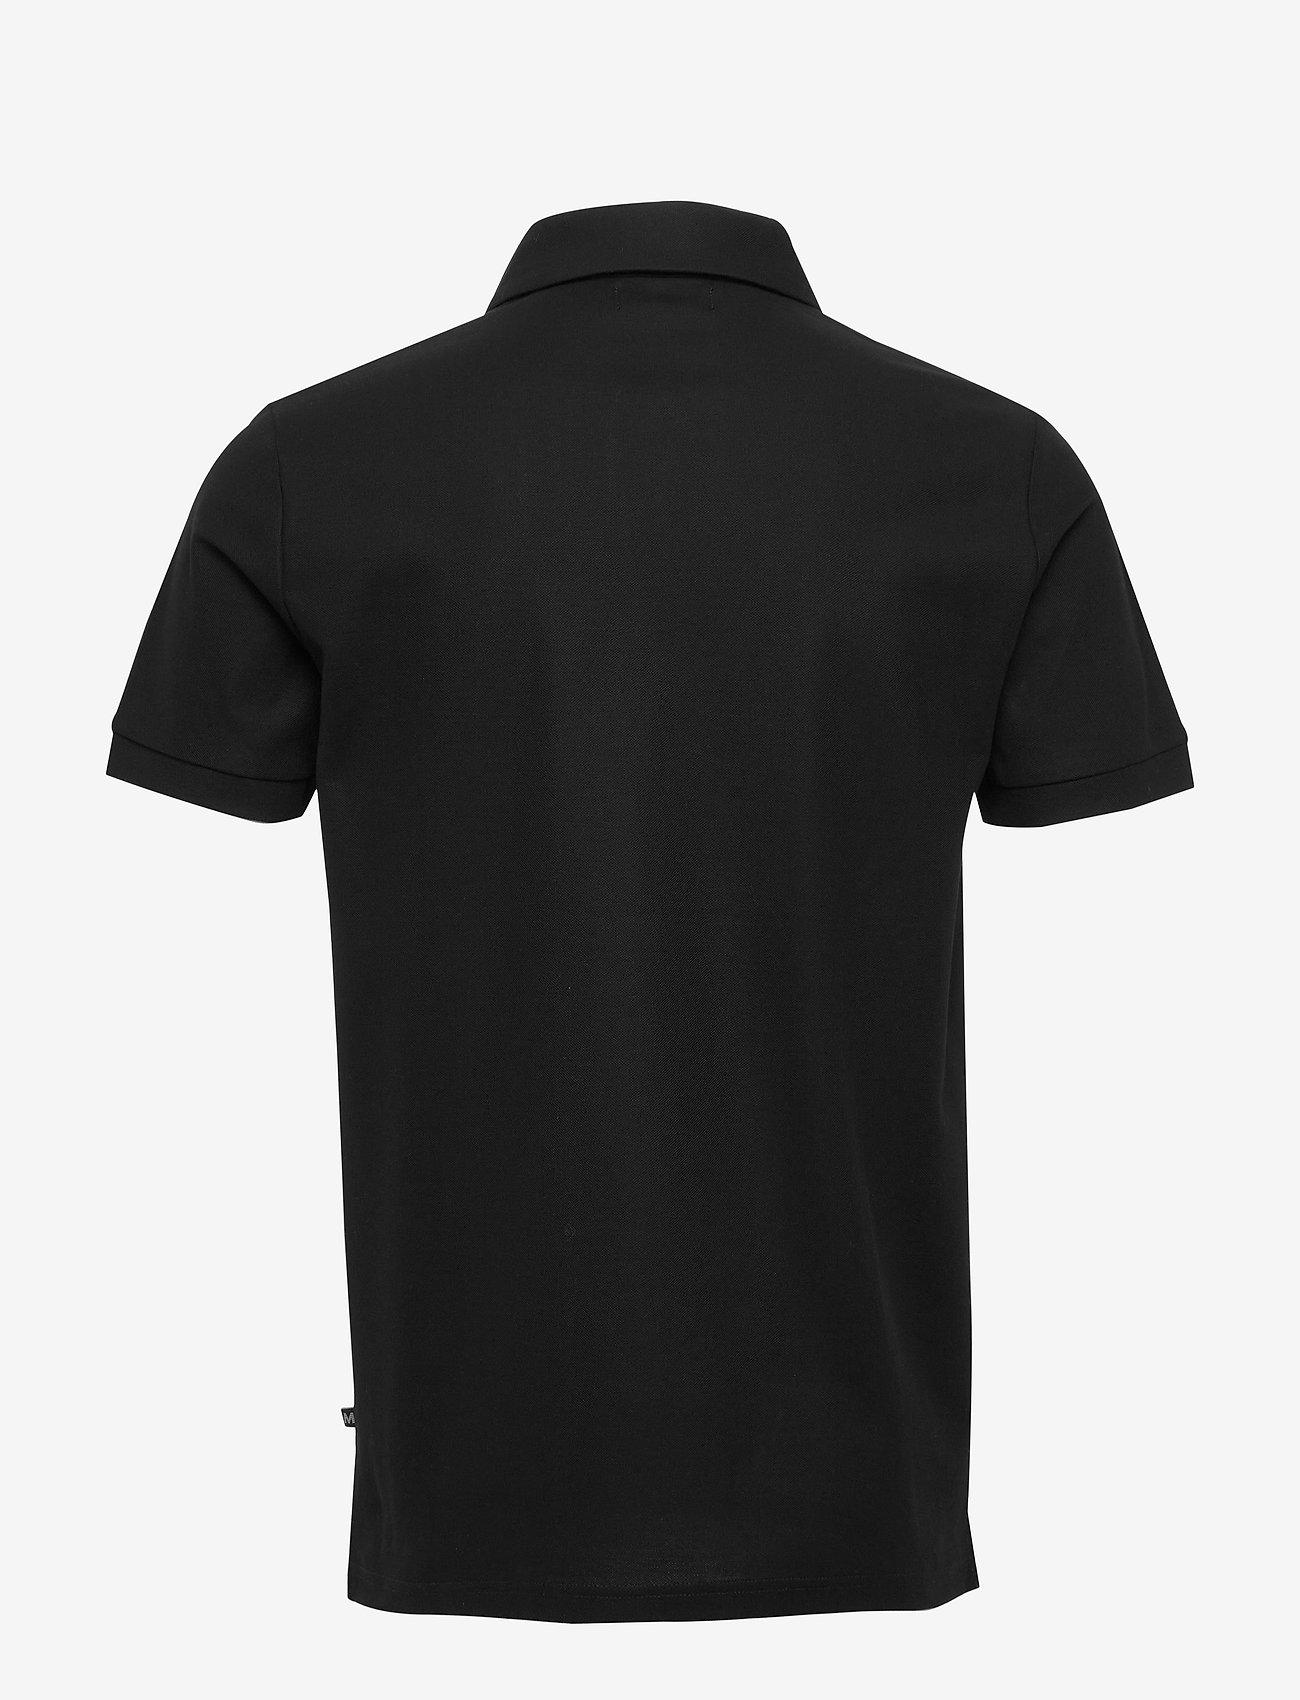 Matinique MAdaynon - Poloskjorter BLACK - Menn Klær